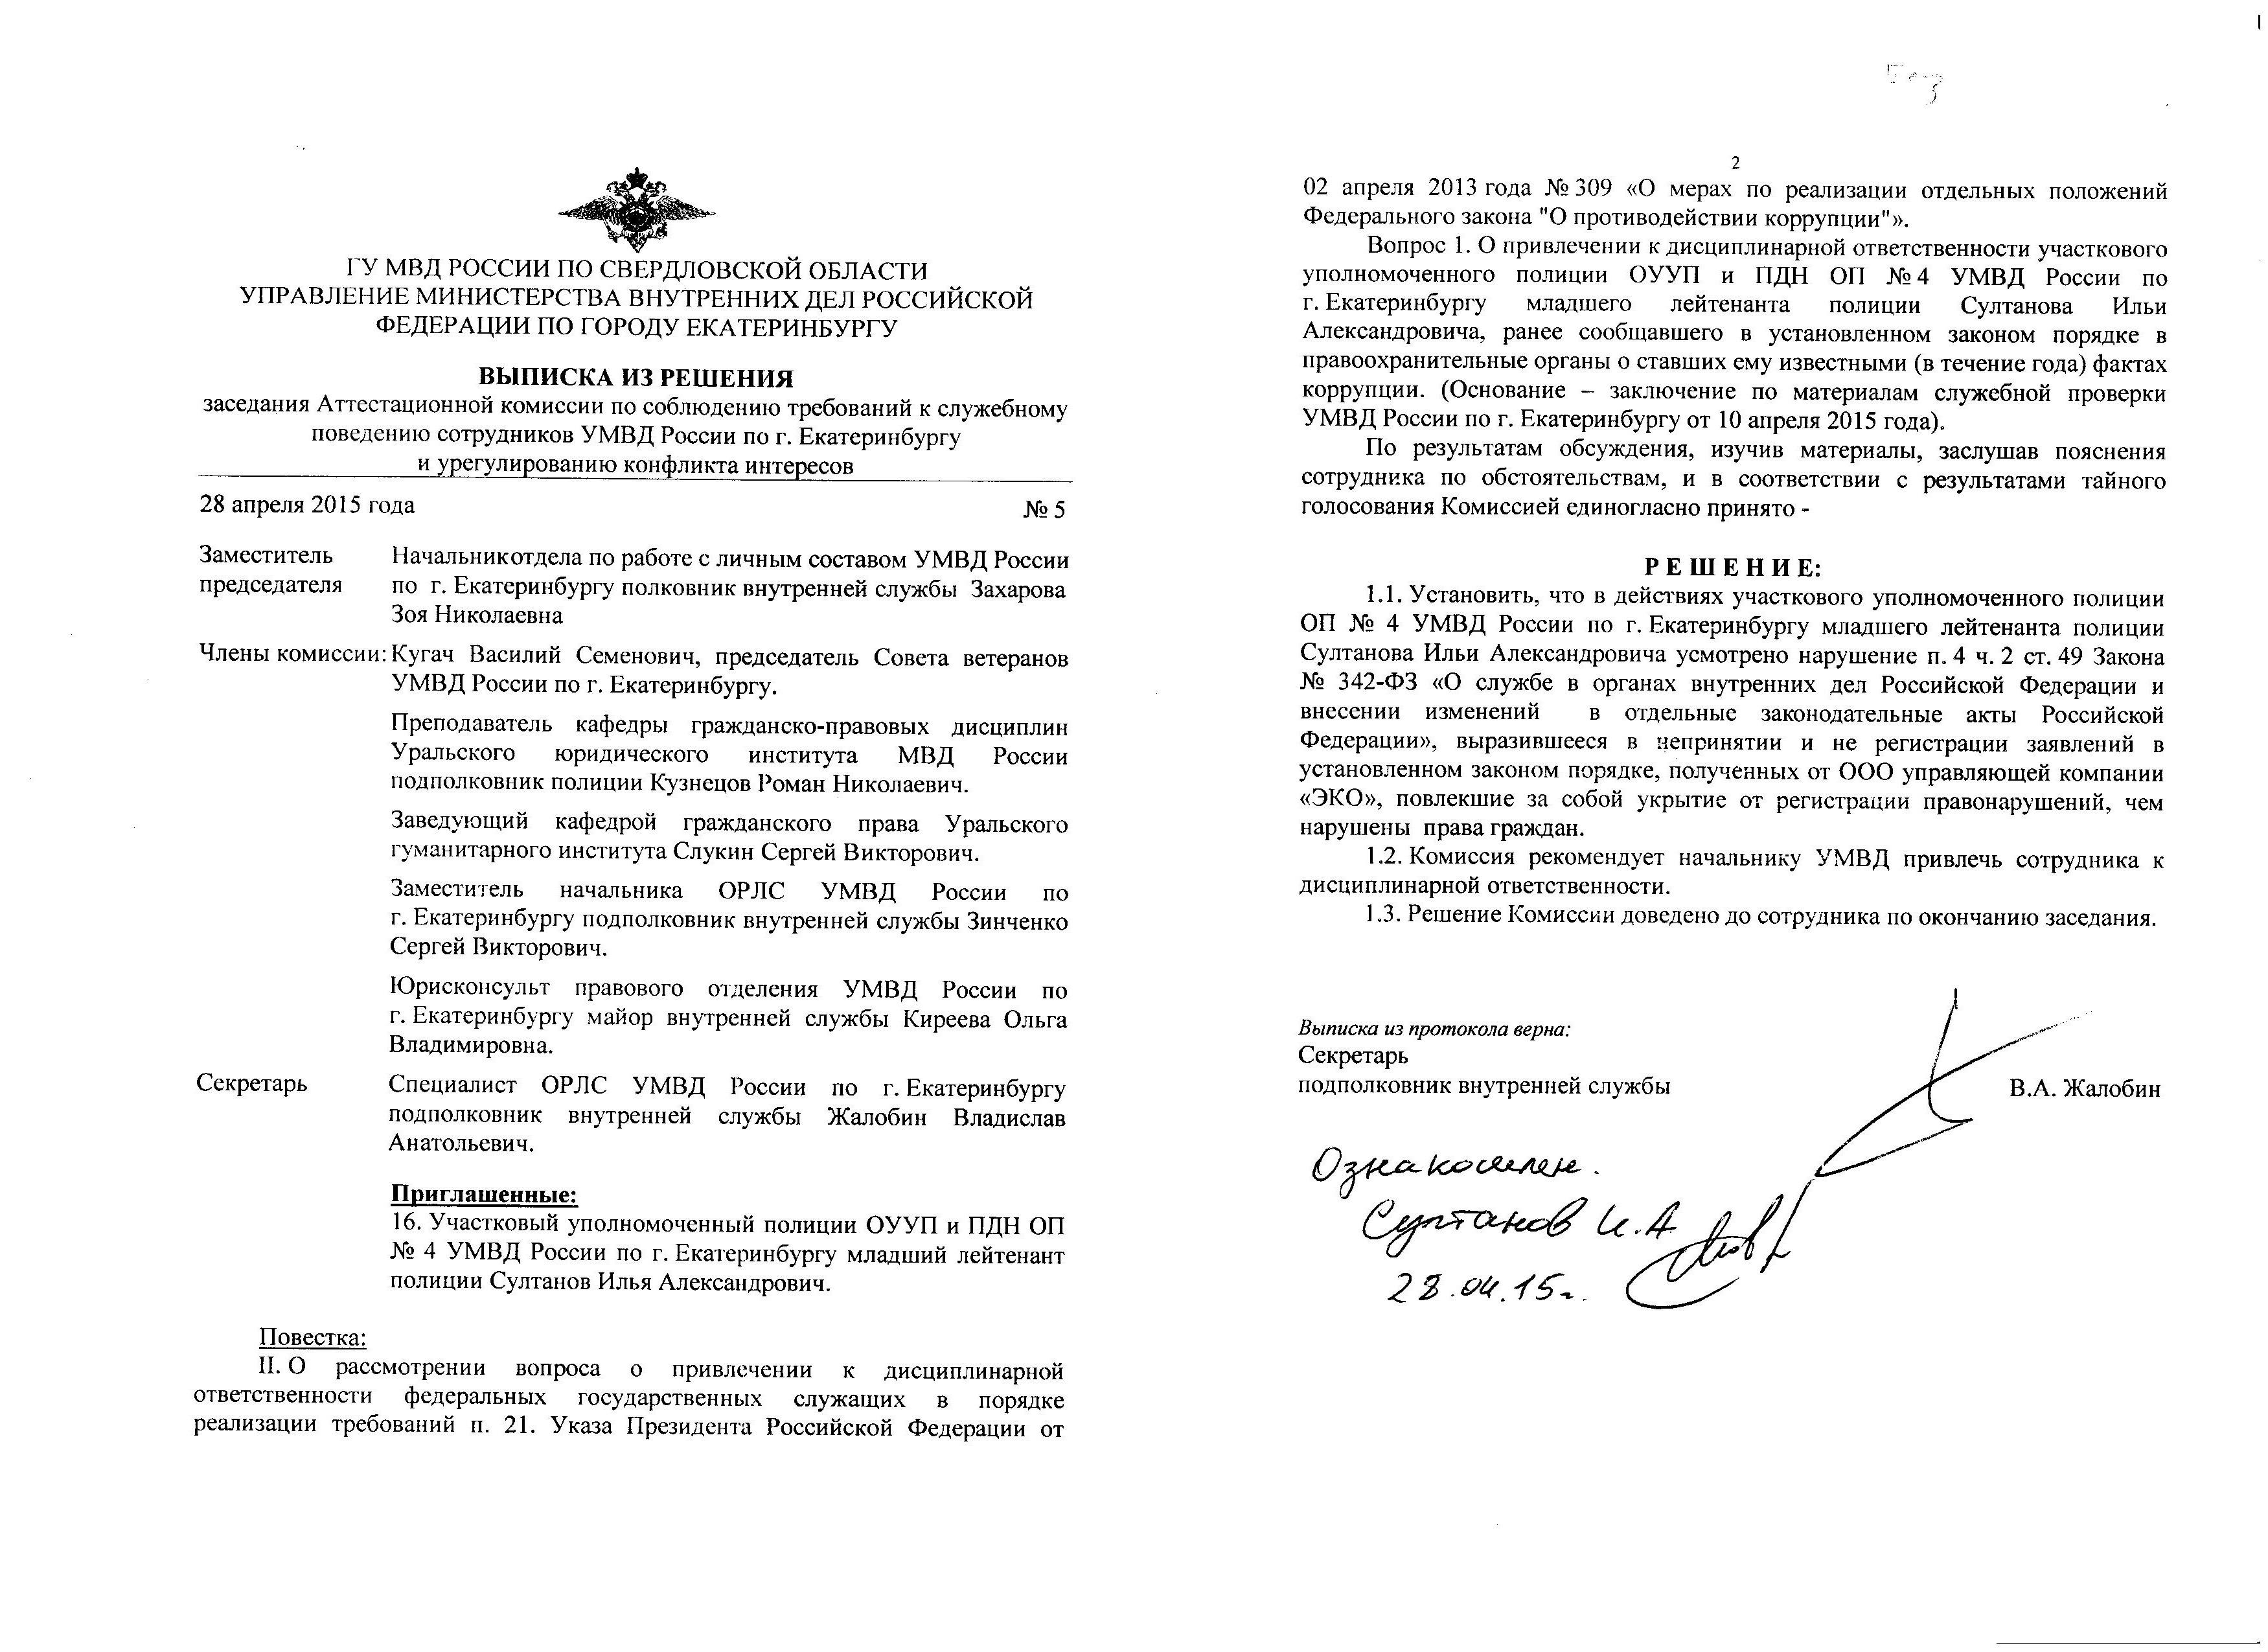 Исковое заявление о признании права собственности на земельный участок за умершим человек